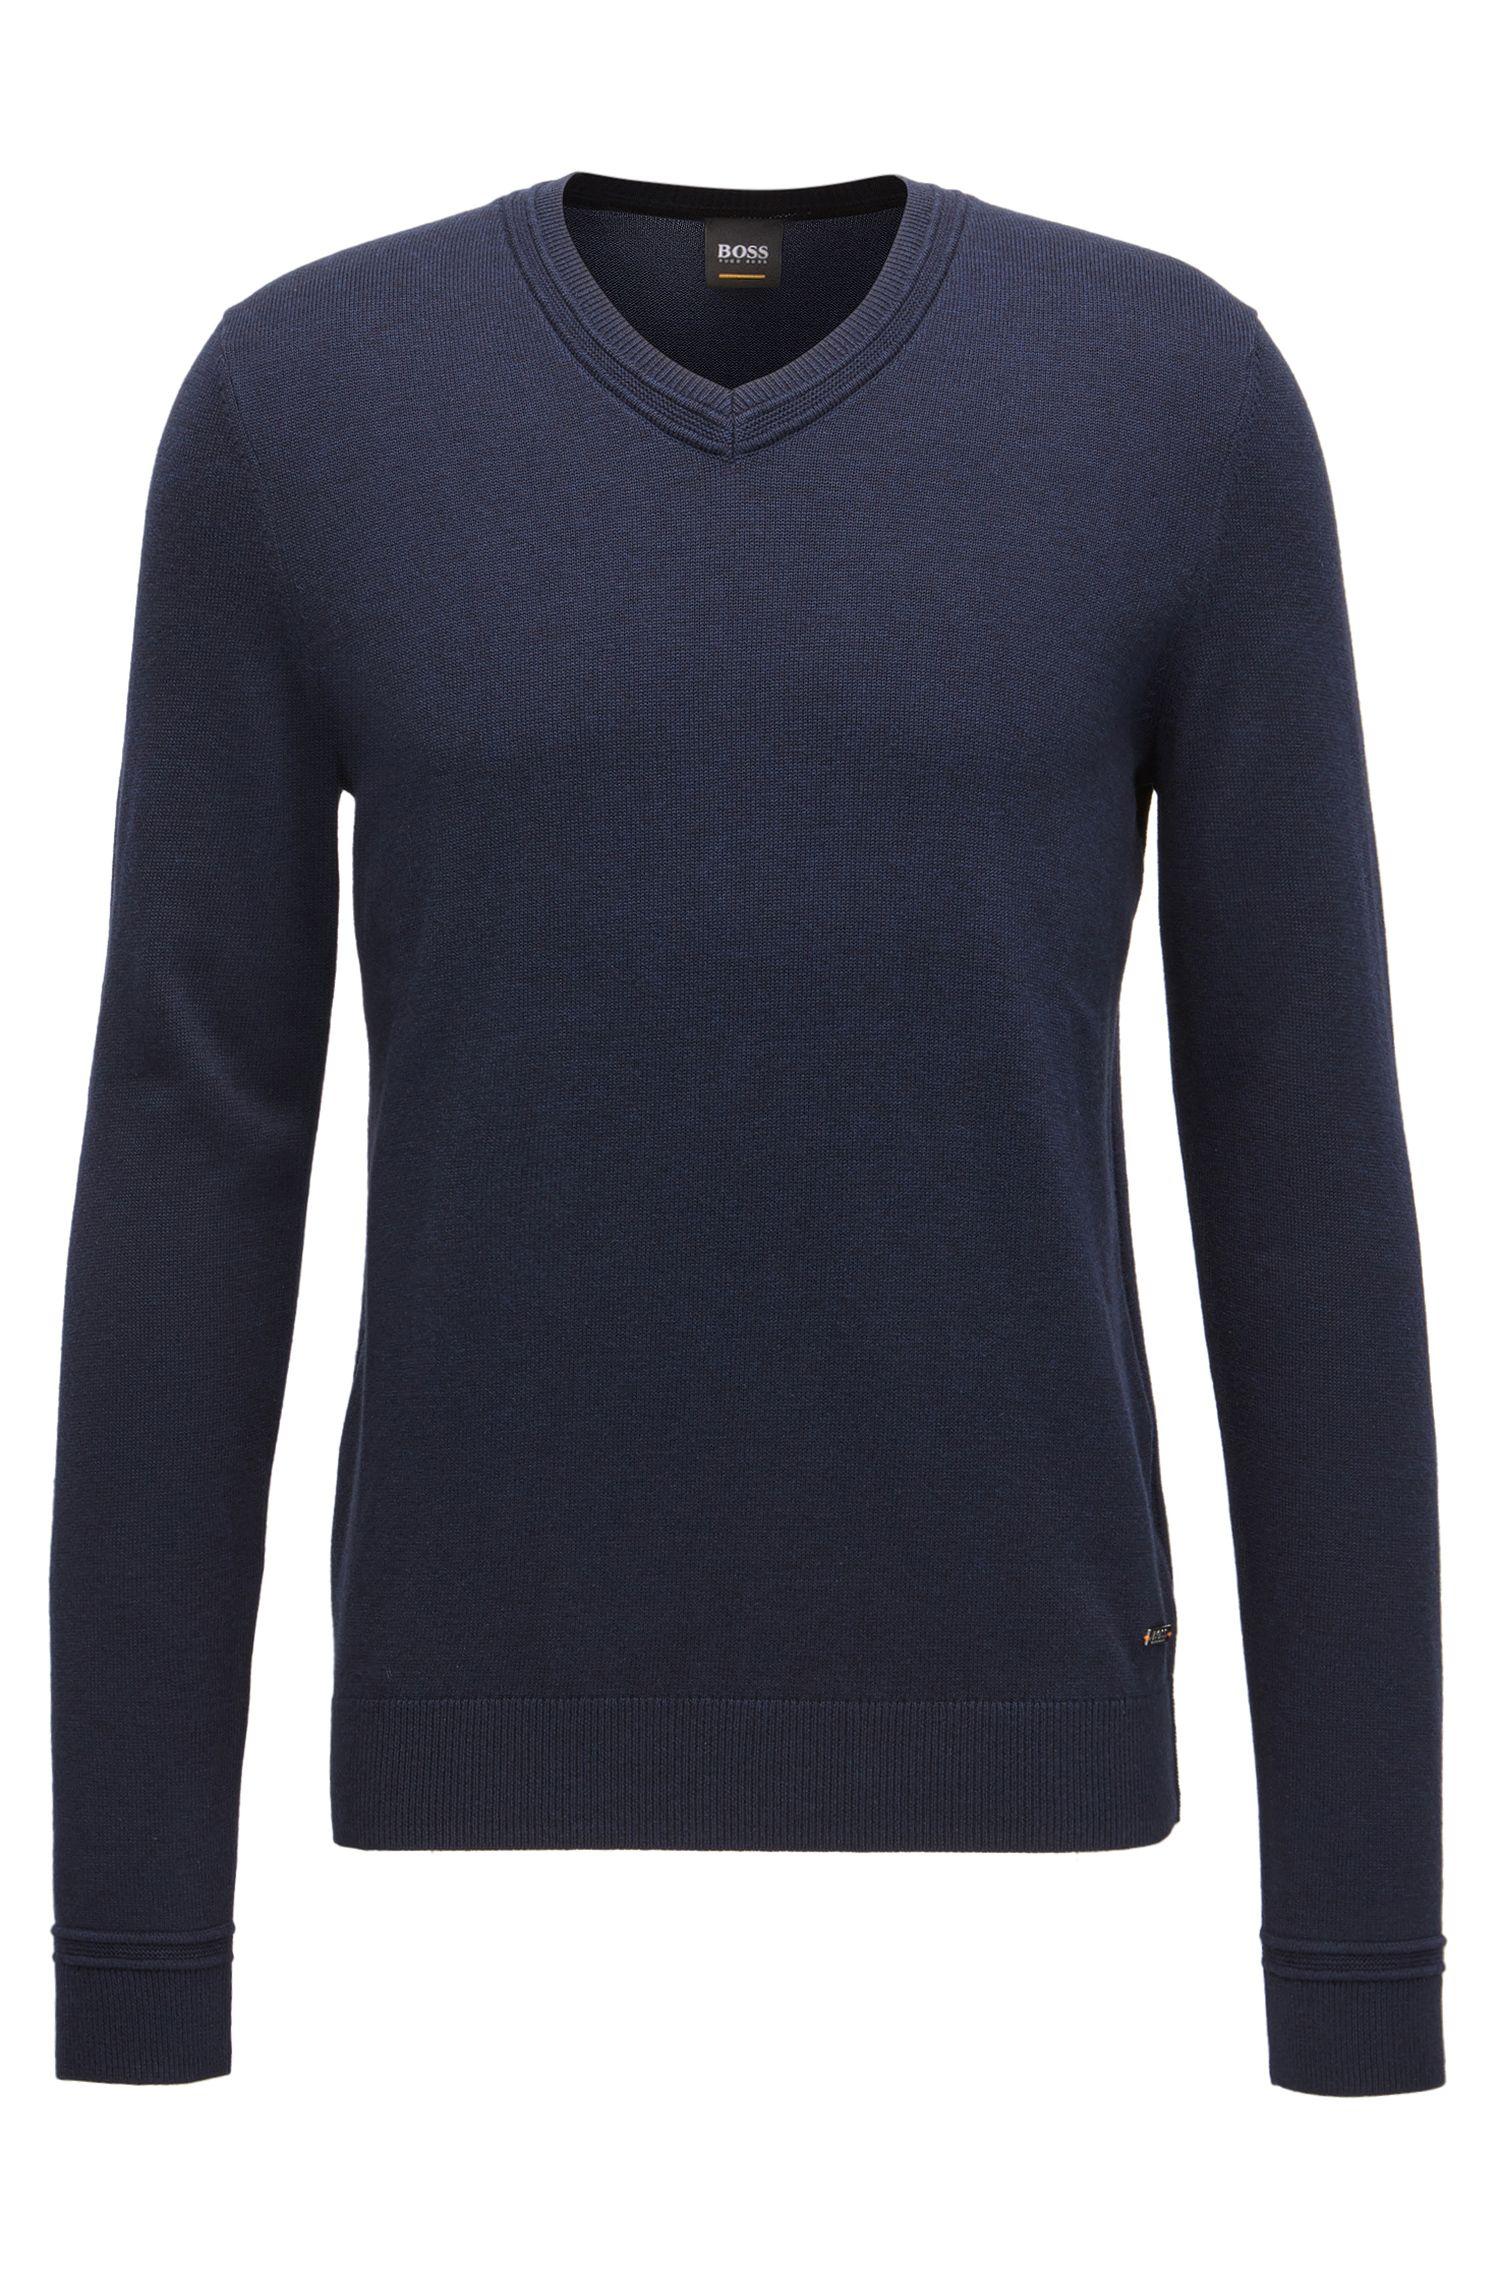 Jersey con escote en pico en mezcla de algodón con toques de textura